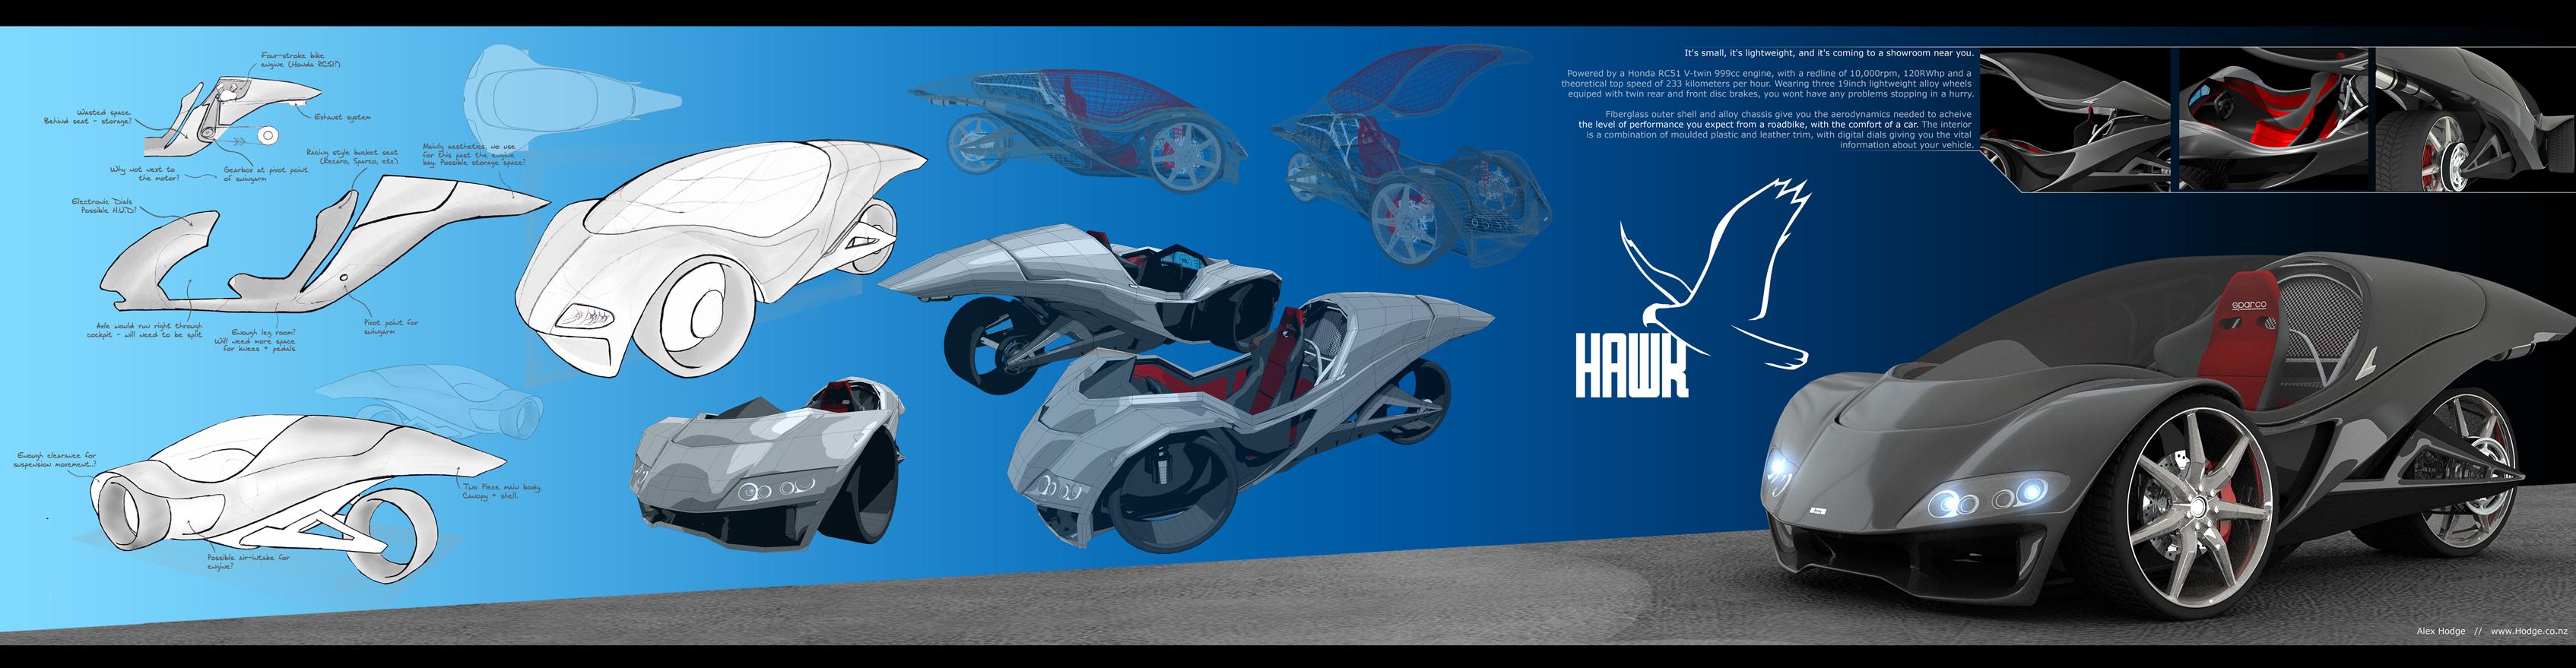 Hawk - Presentation Panel by L-X